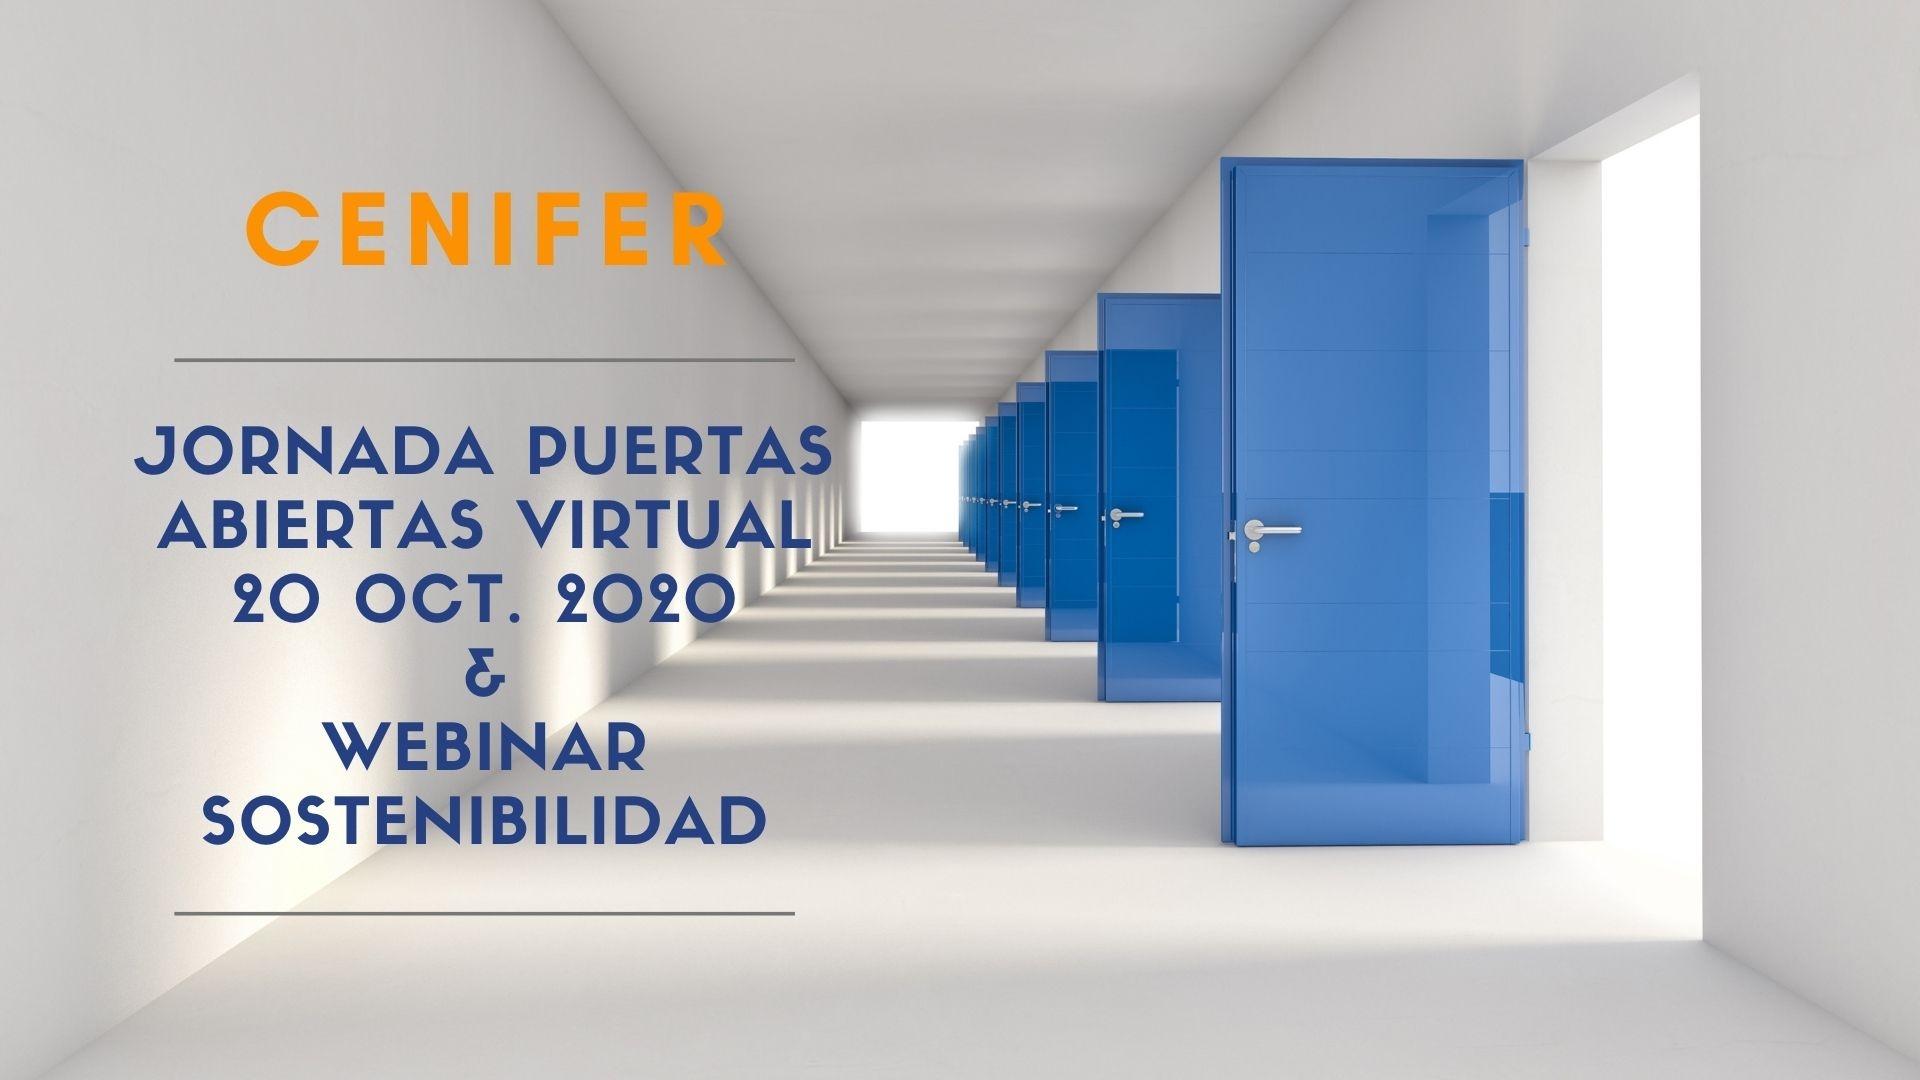 Cenifer-Próxima Jornada virtual de puertas abiertas de CENIFER y Webinar de sostenibilidad 20oct2020-17